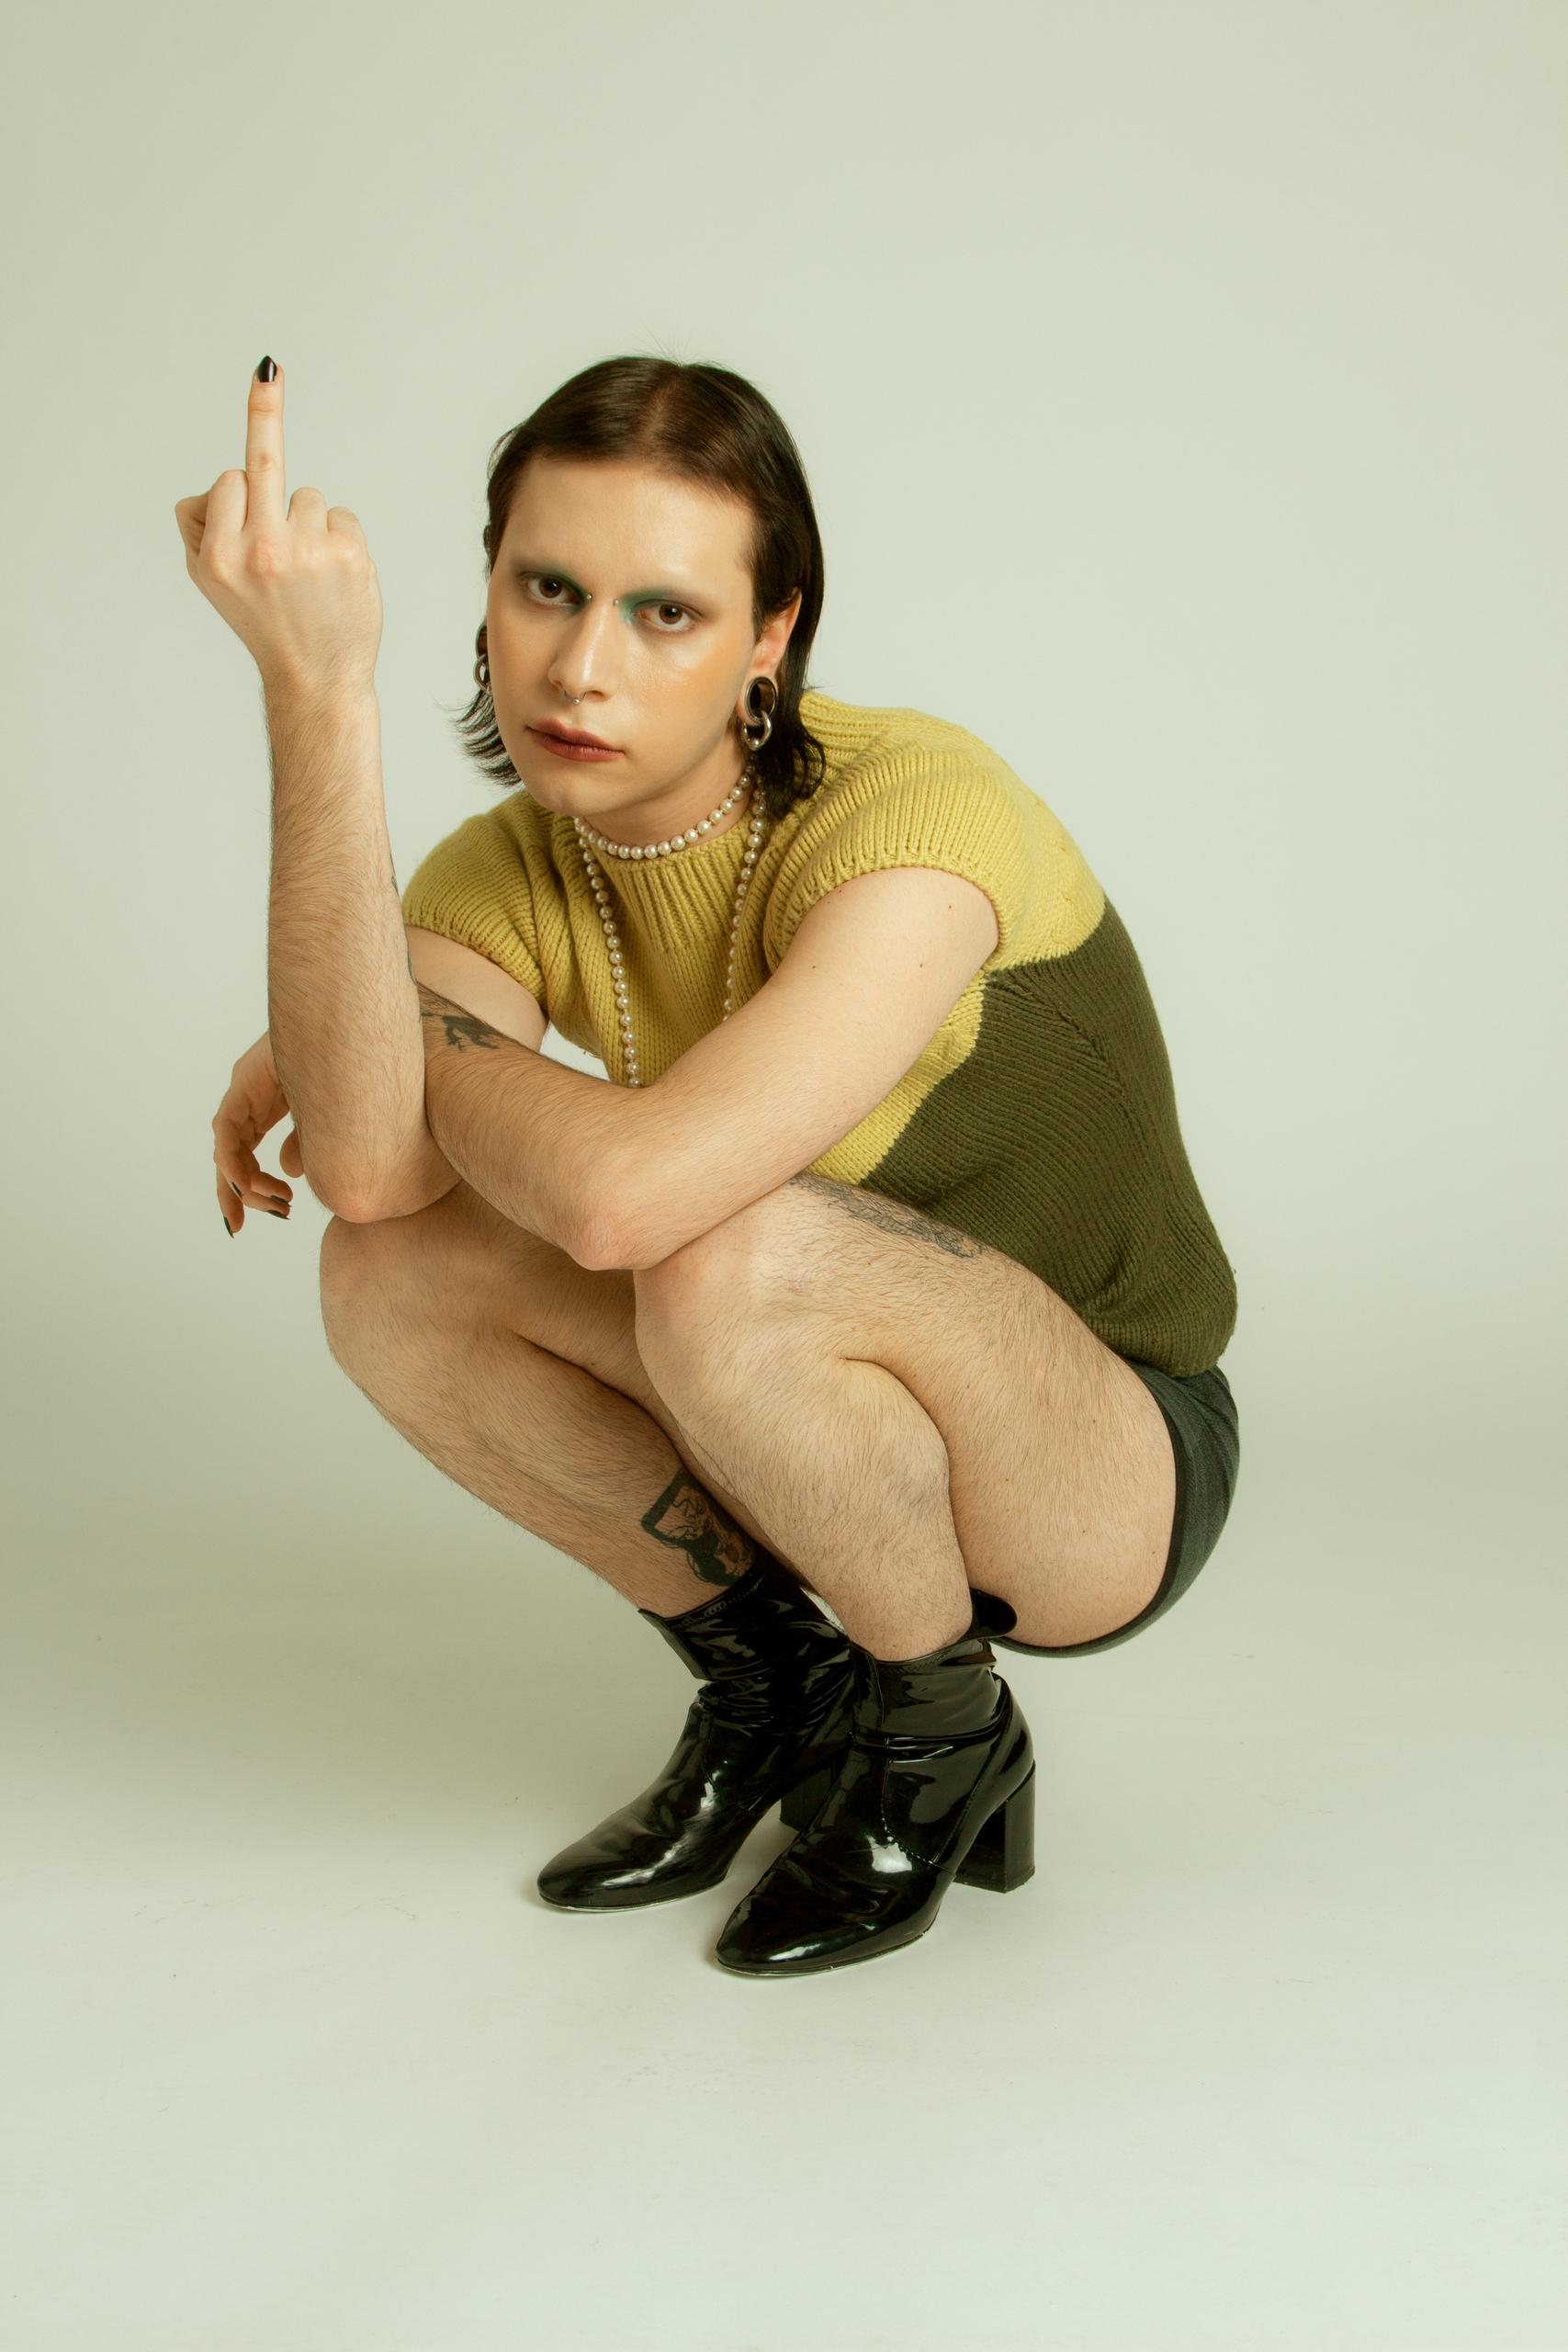 Genderless - xchiaraglionna | ello